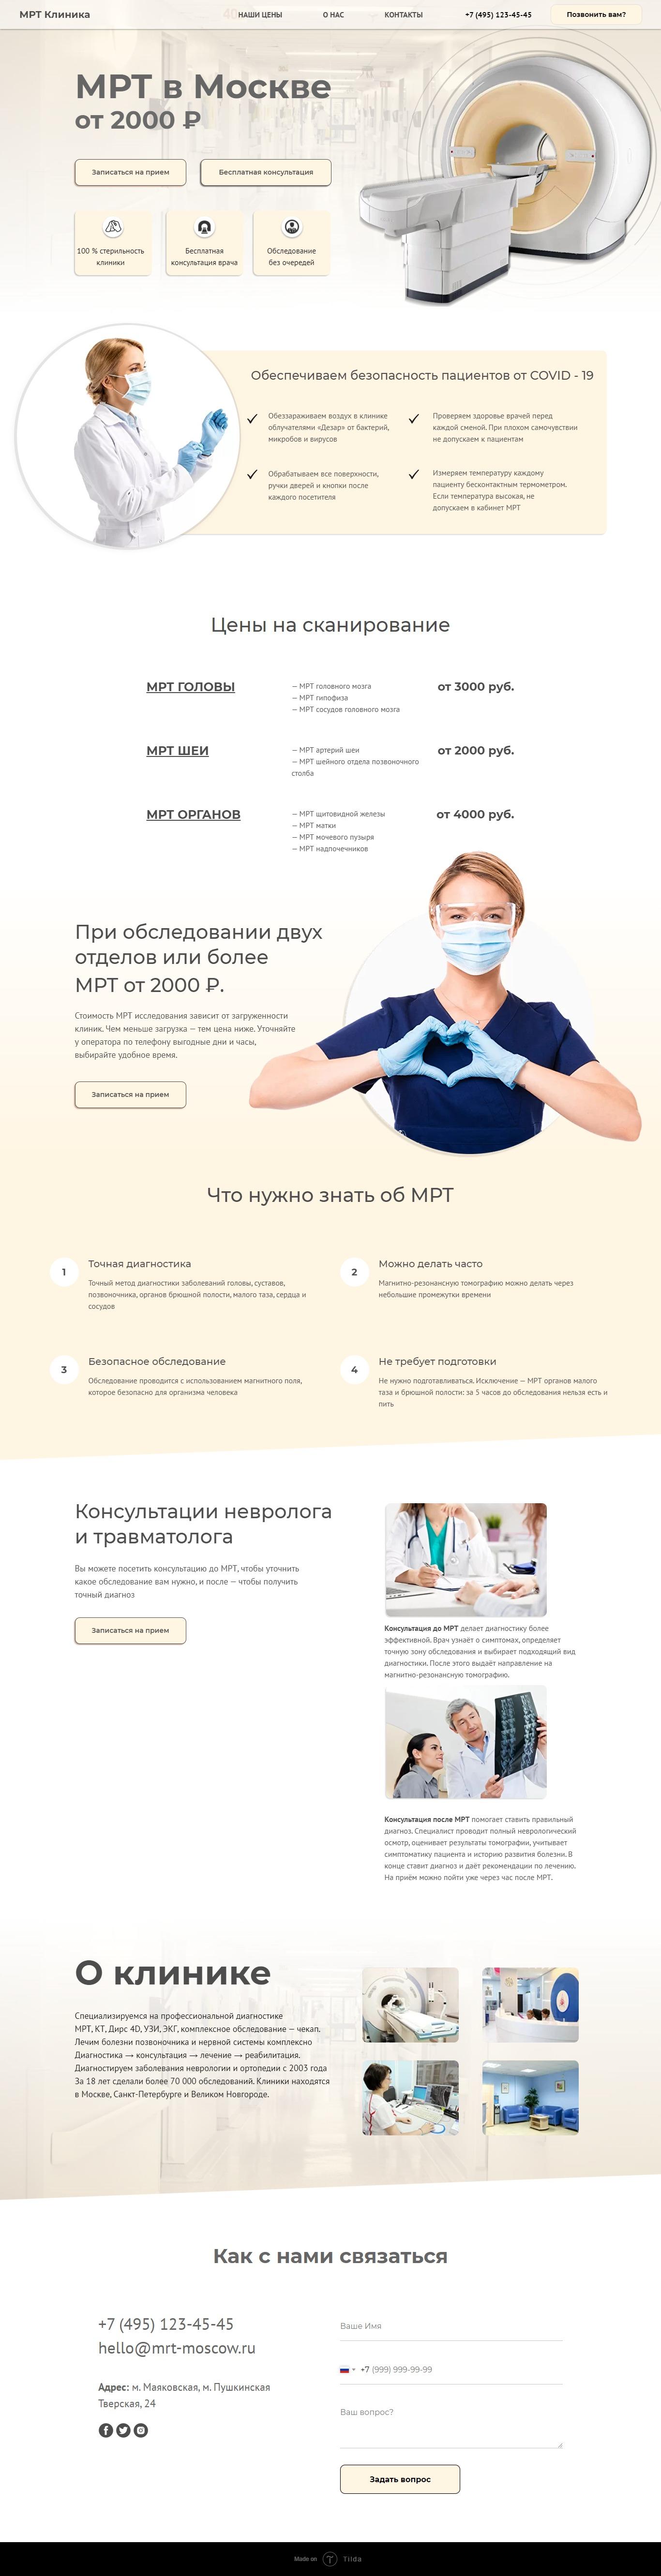 Лендинг МРТ в МСК